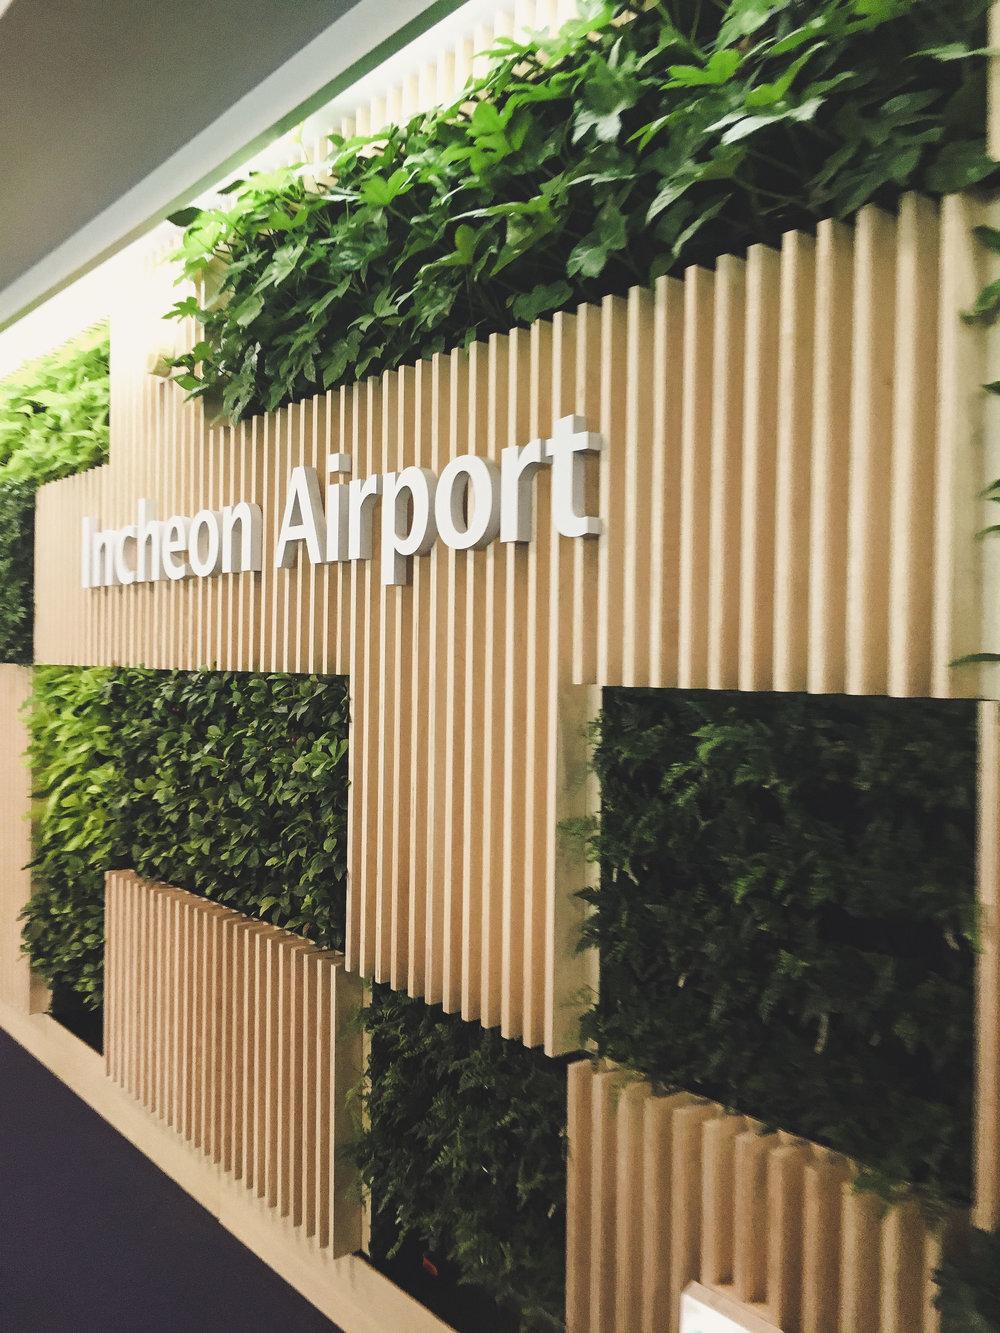 Inchean Airport.jpg